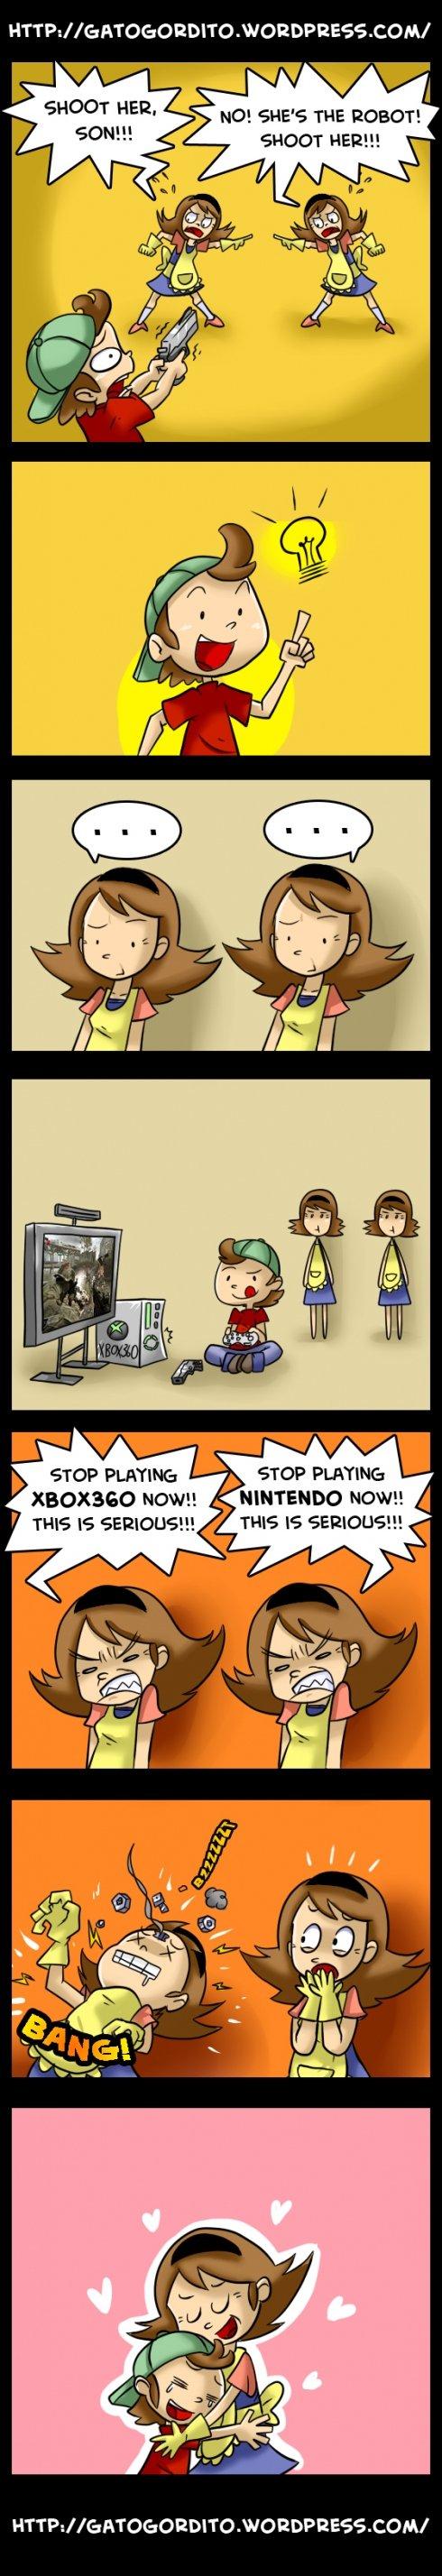 Humour les mères les jeux vidéos